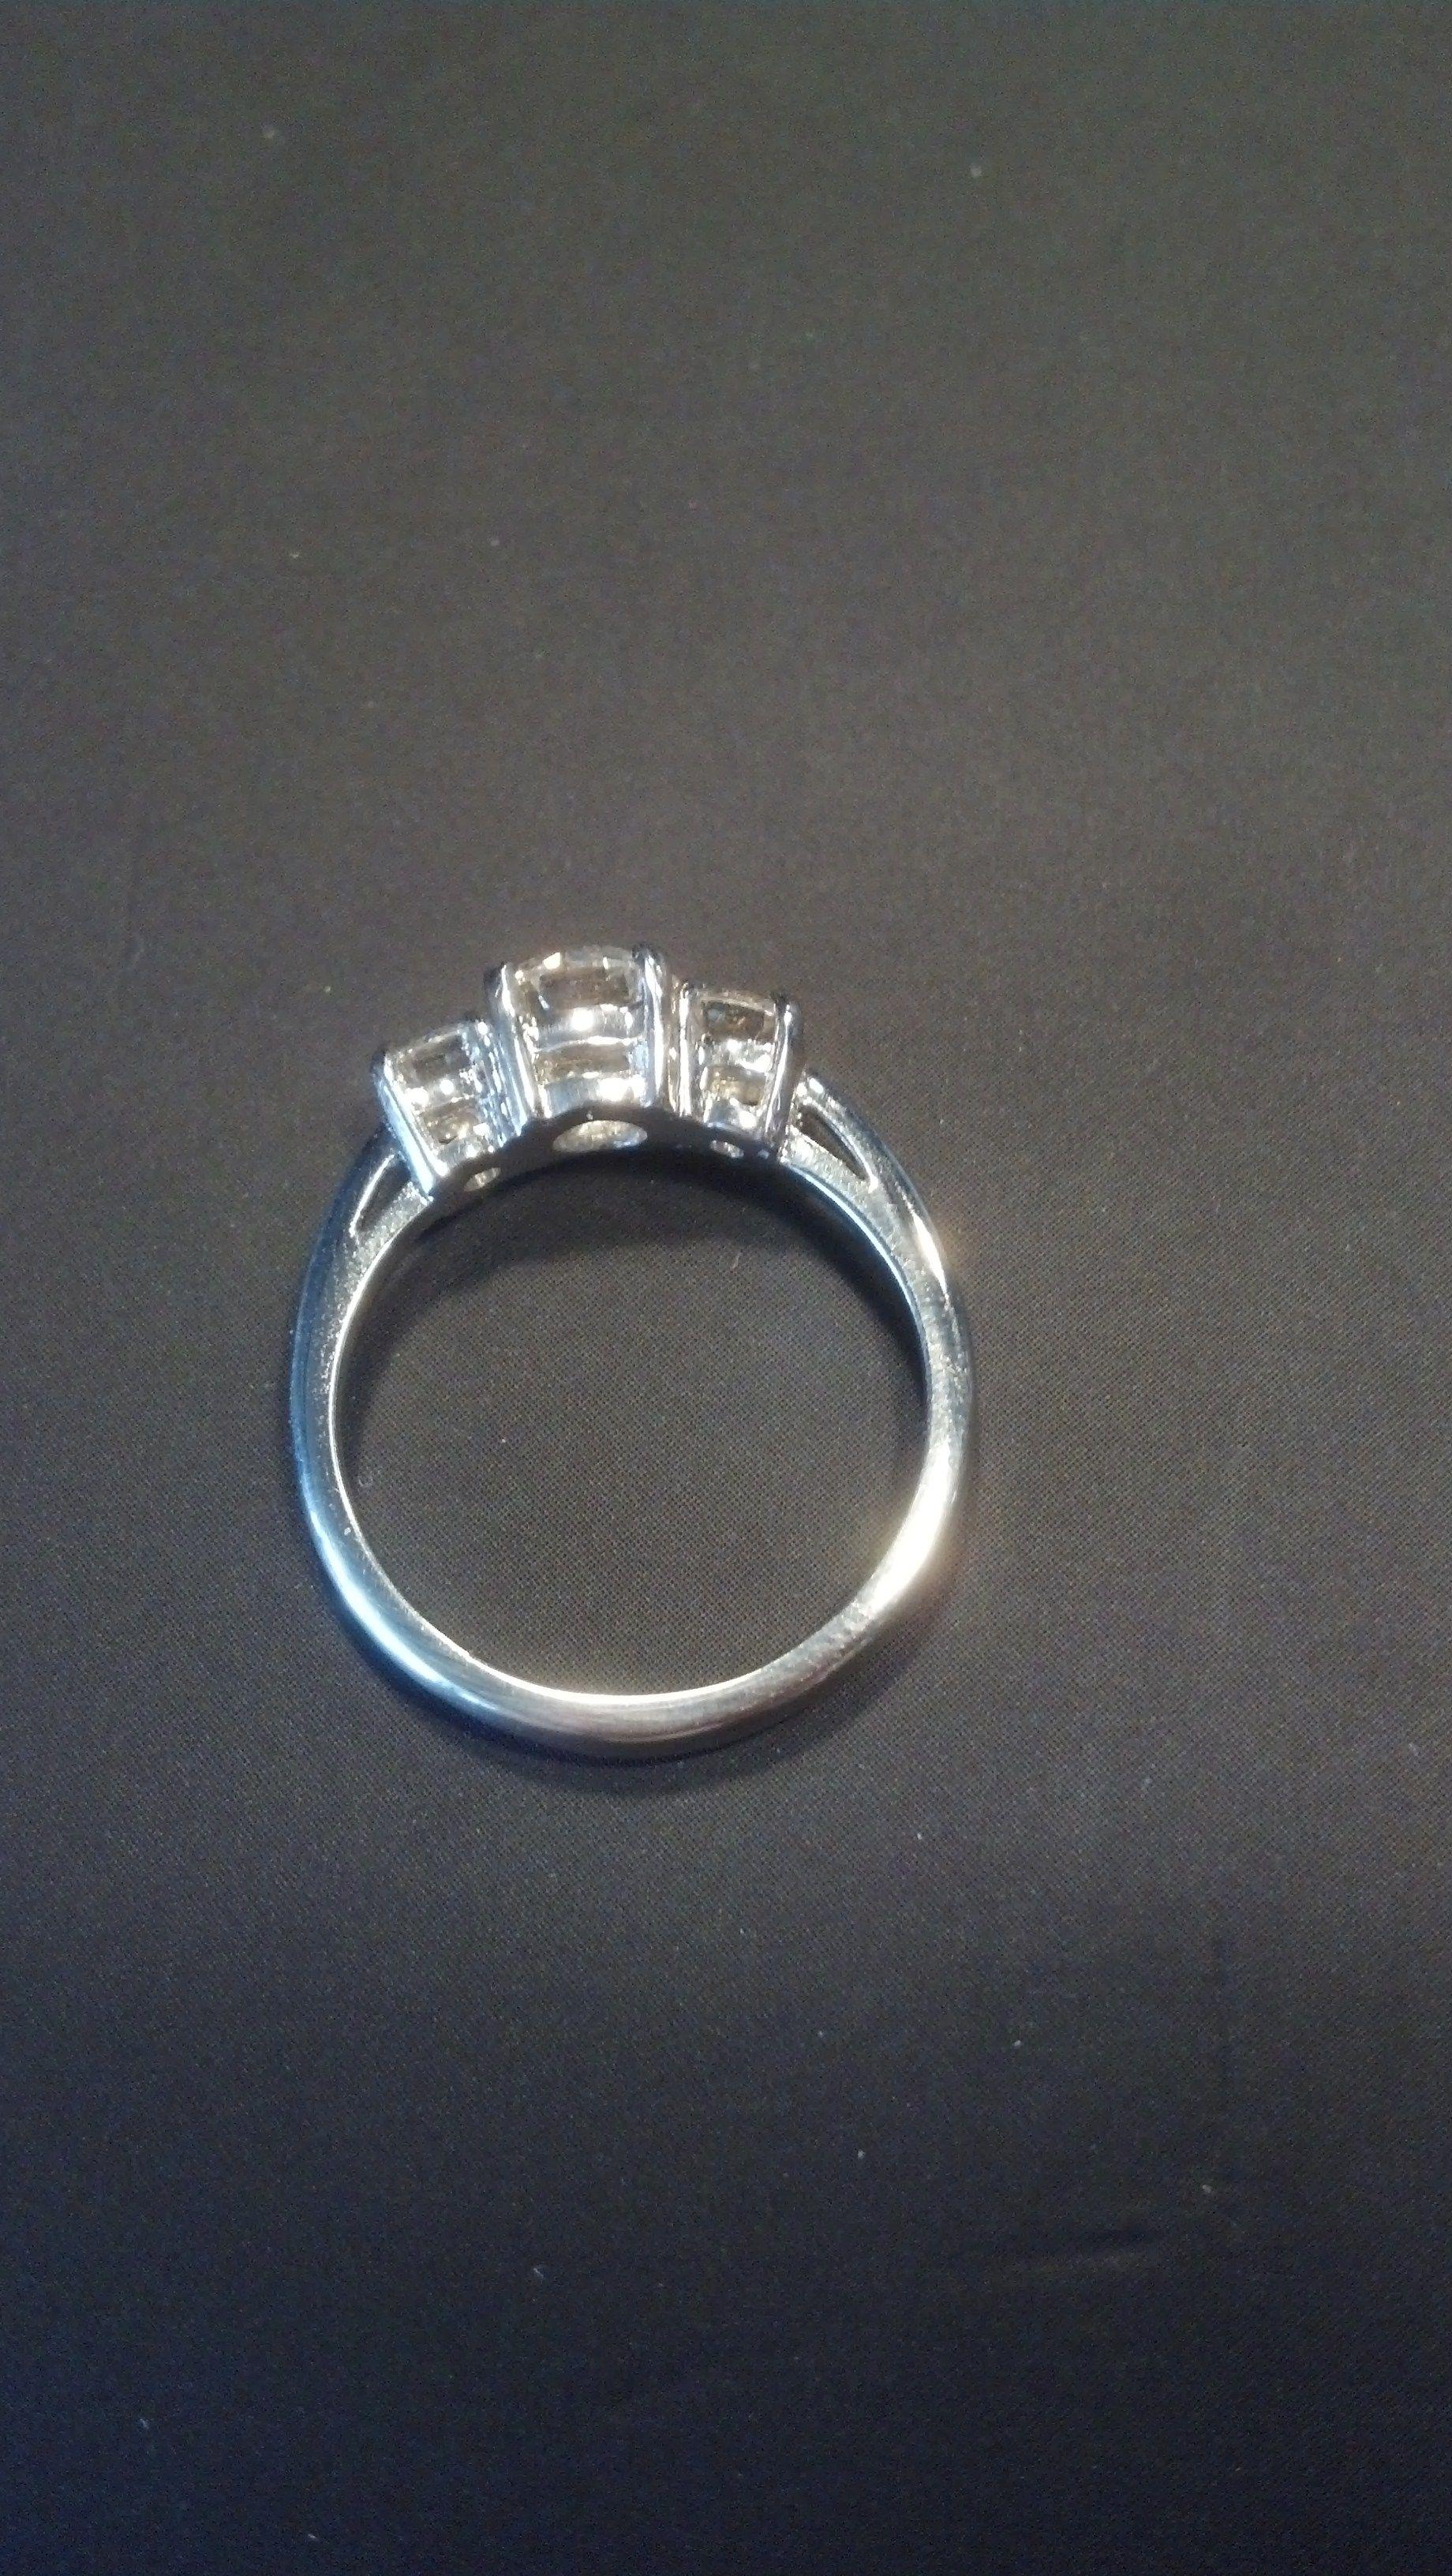 2 Carat Engagement Ring Costco Costco